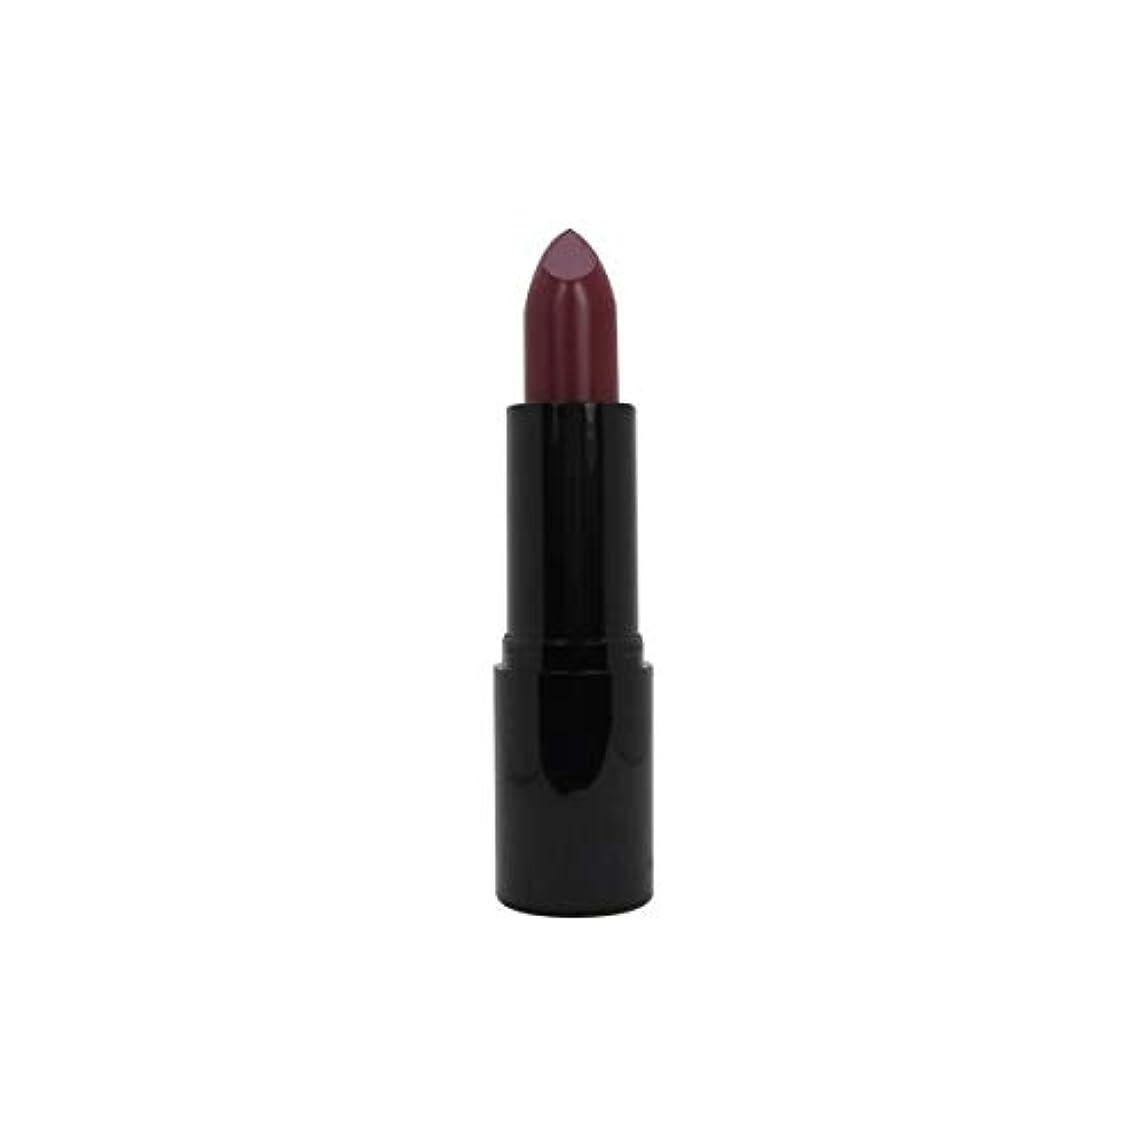 薄いです羊の服を着た狼処分したSkinerie The Collection Lipstick 11 Berry Diva 3,5g